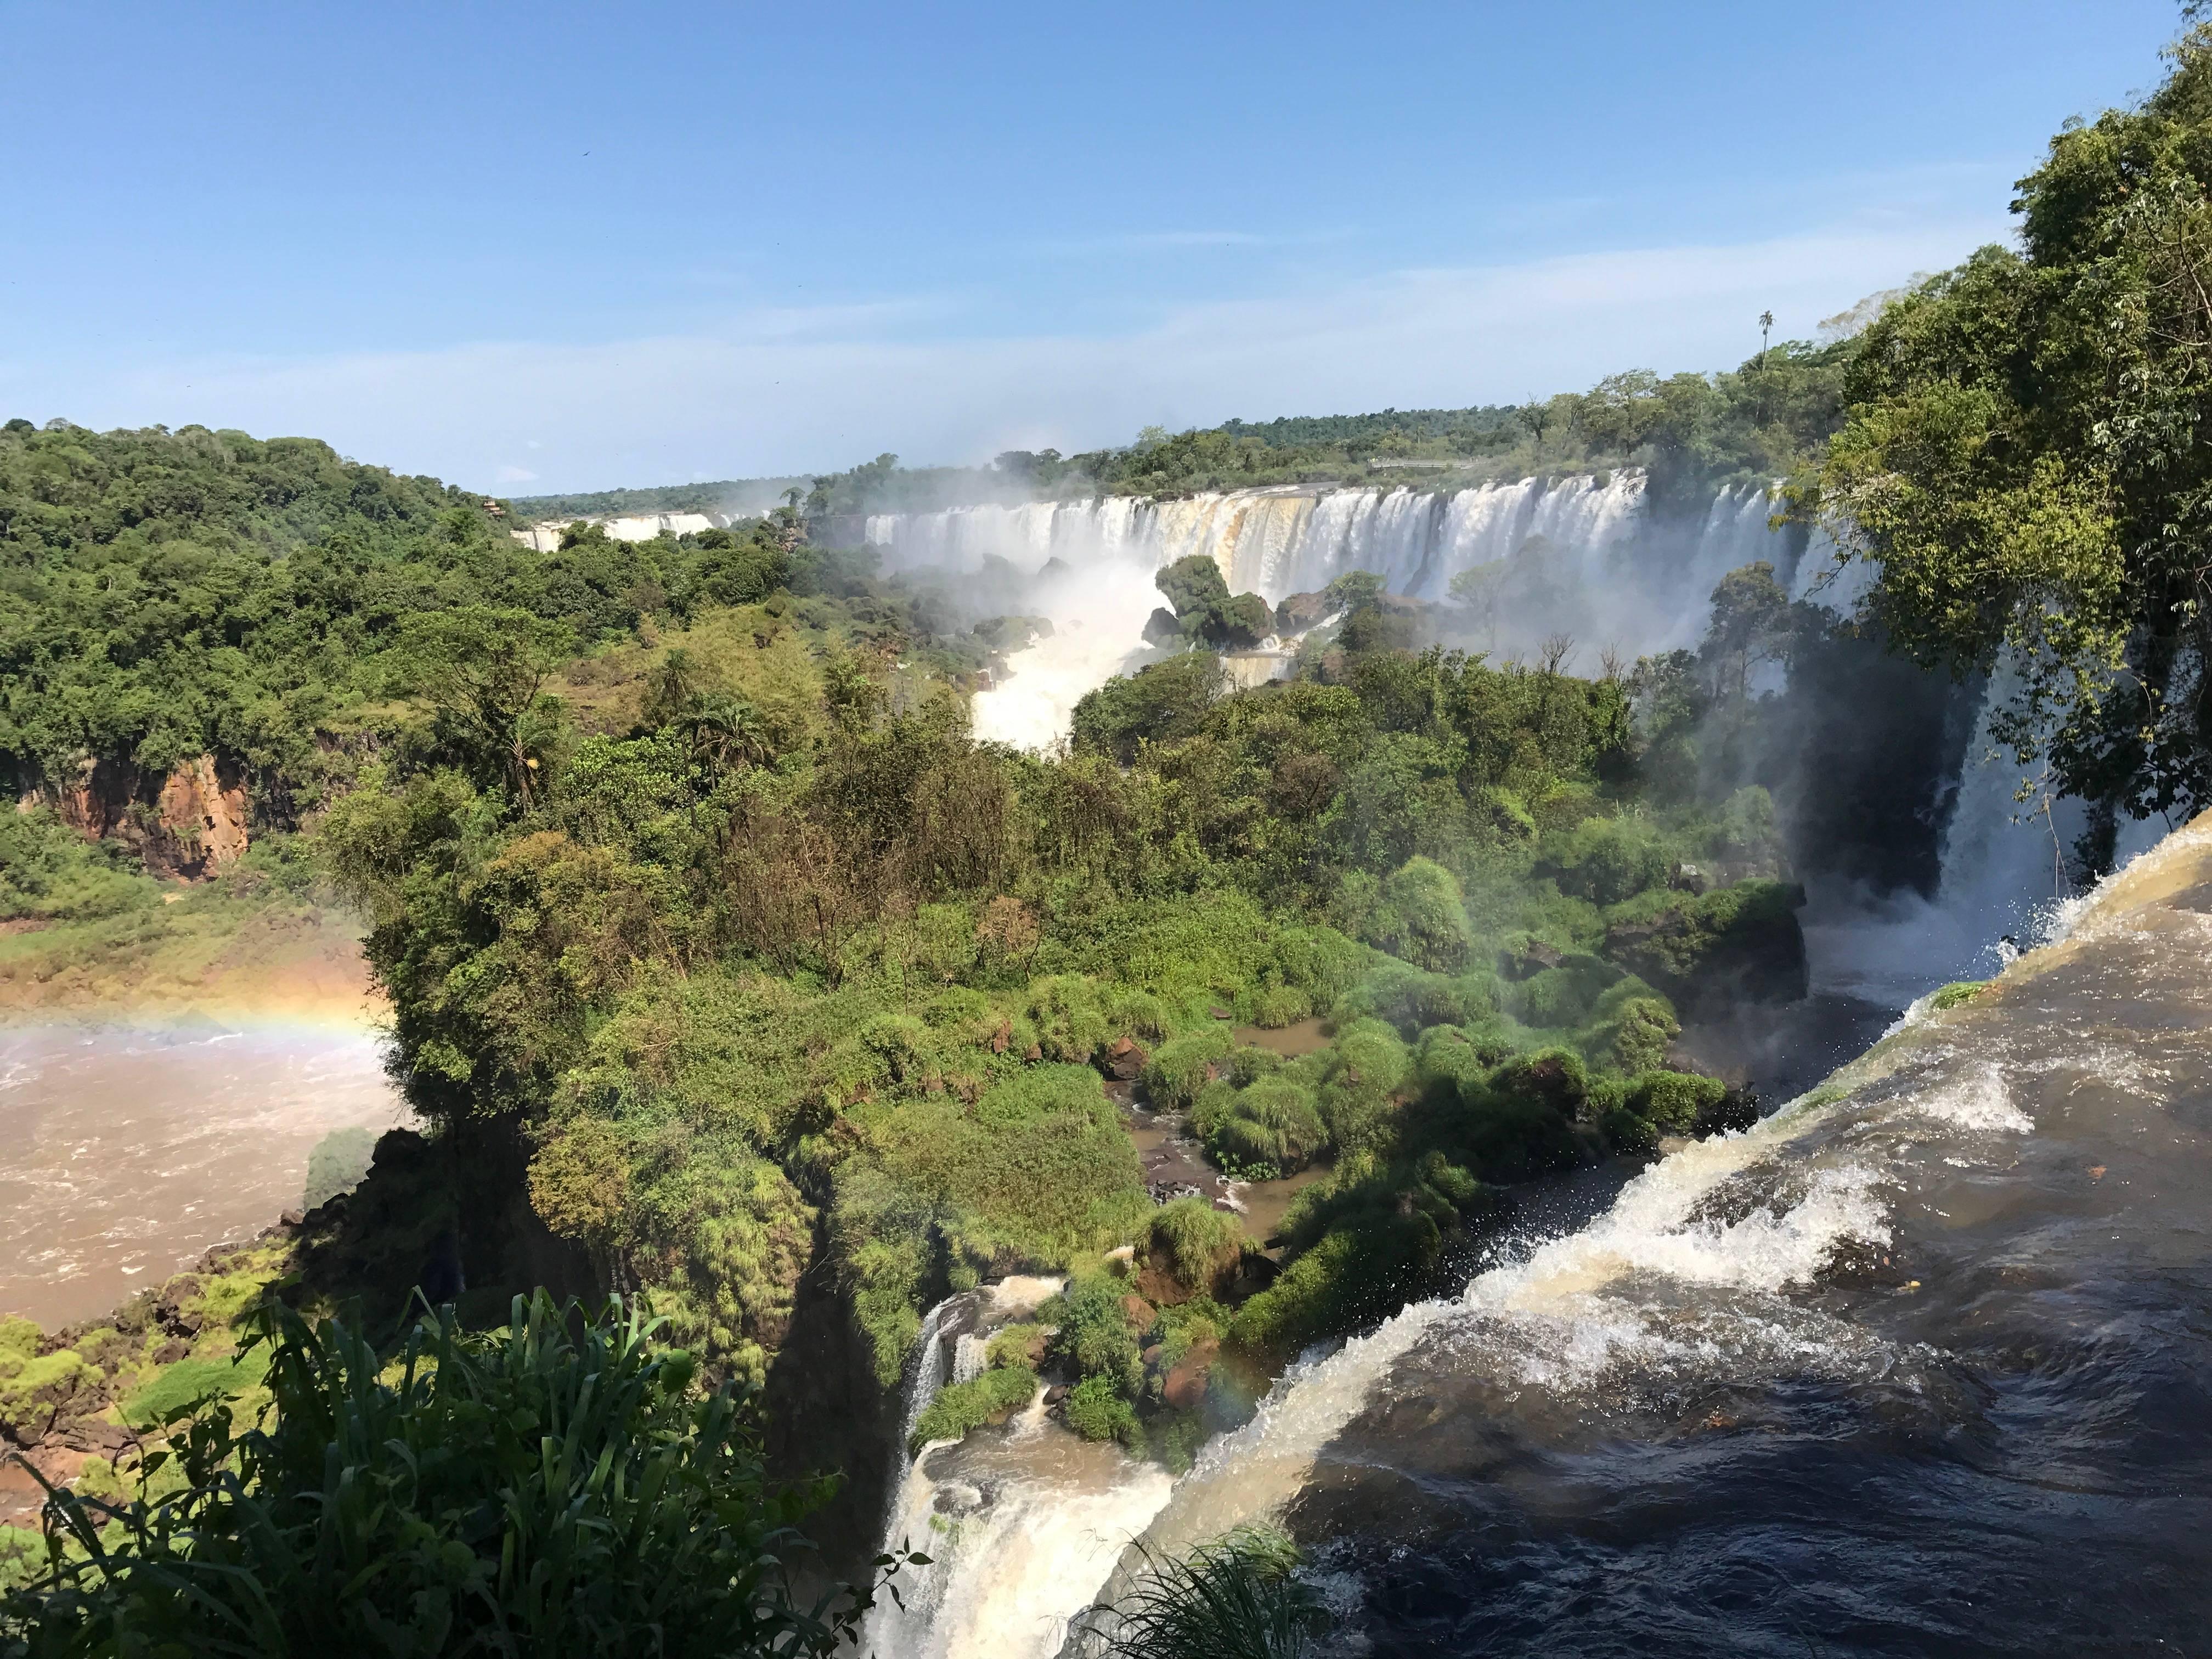 Photo 1: Les chutes d'Iguaçu en Argentine